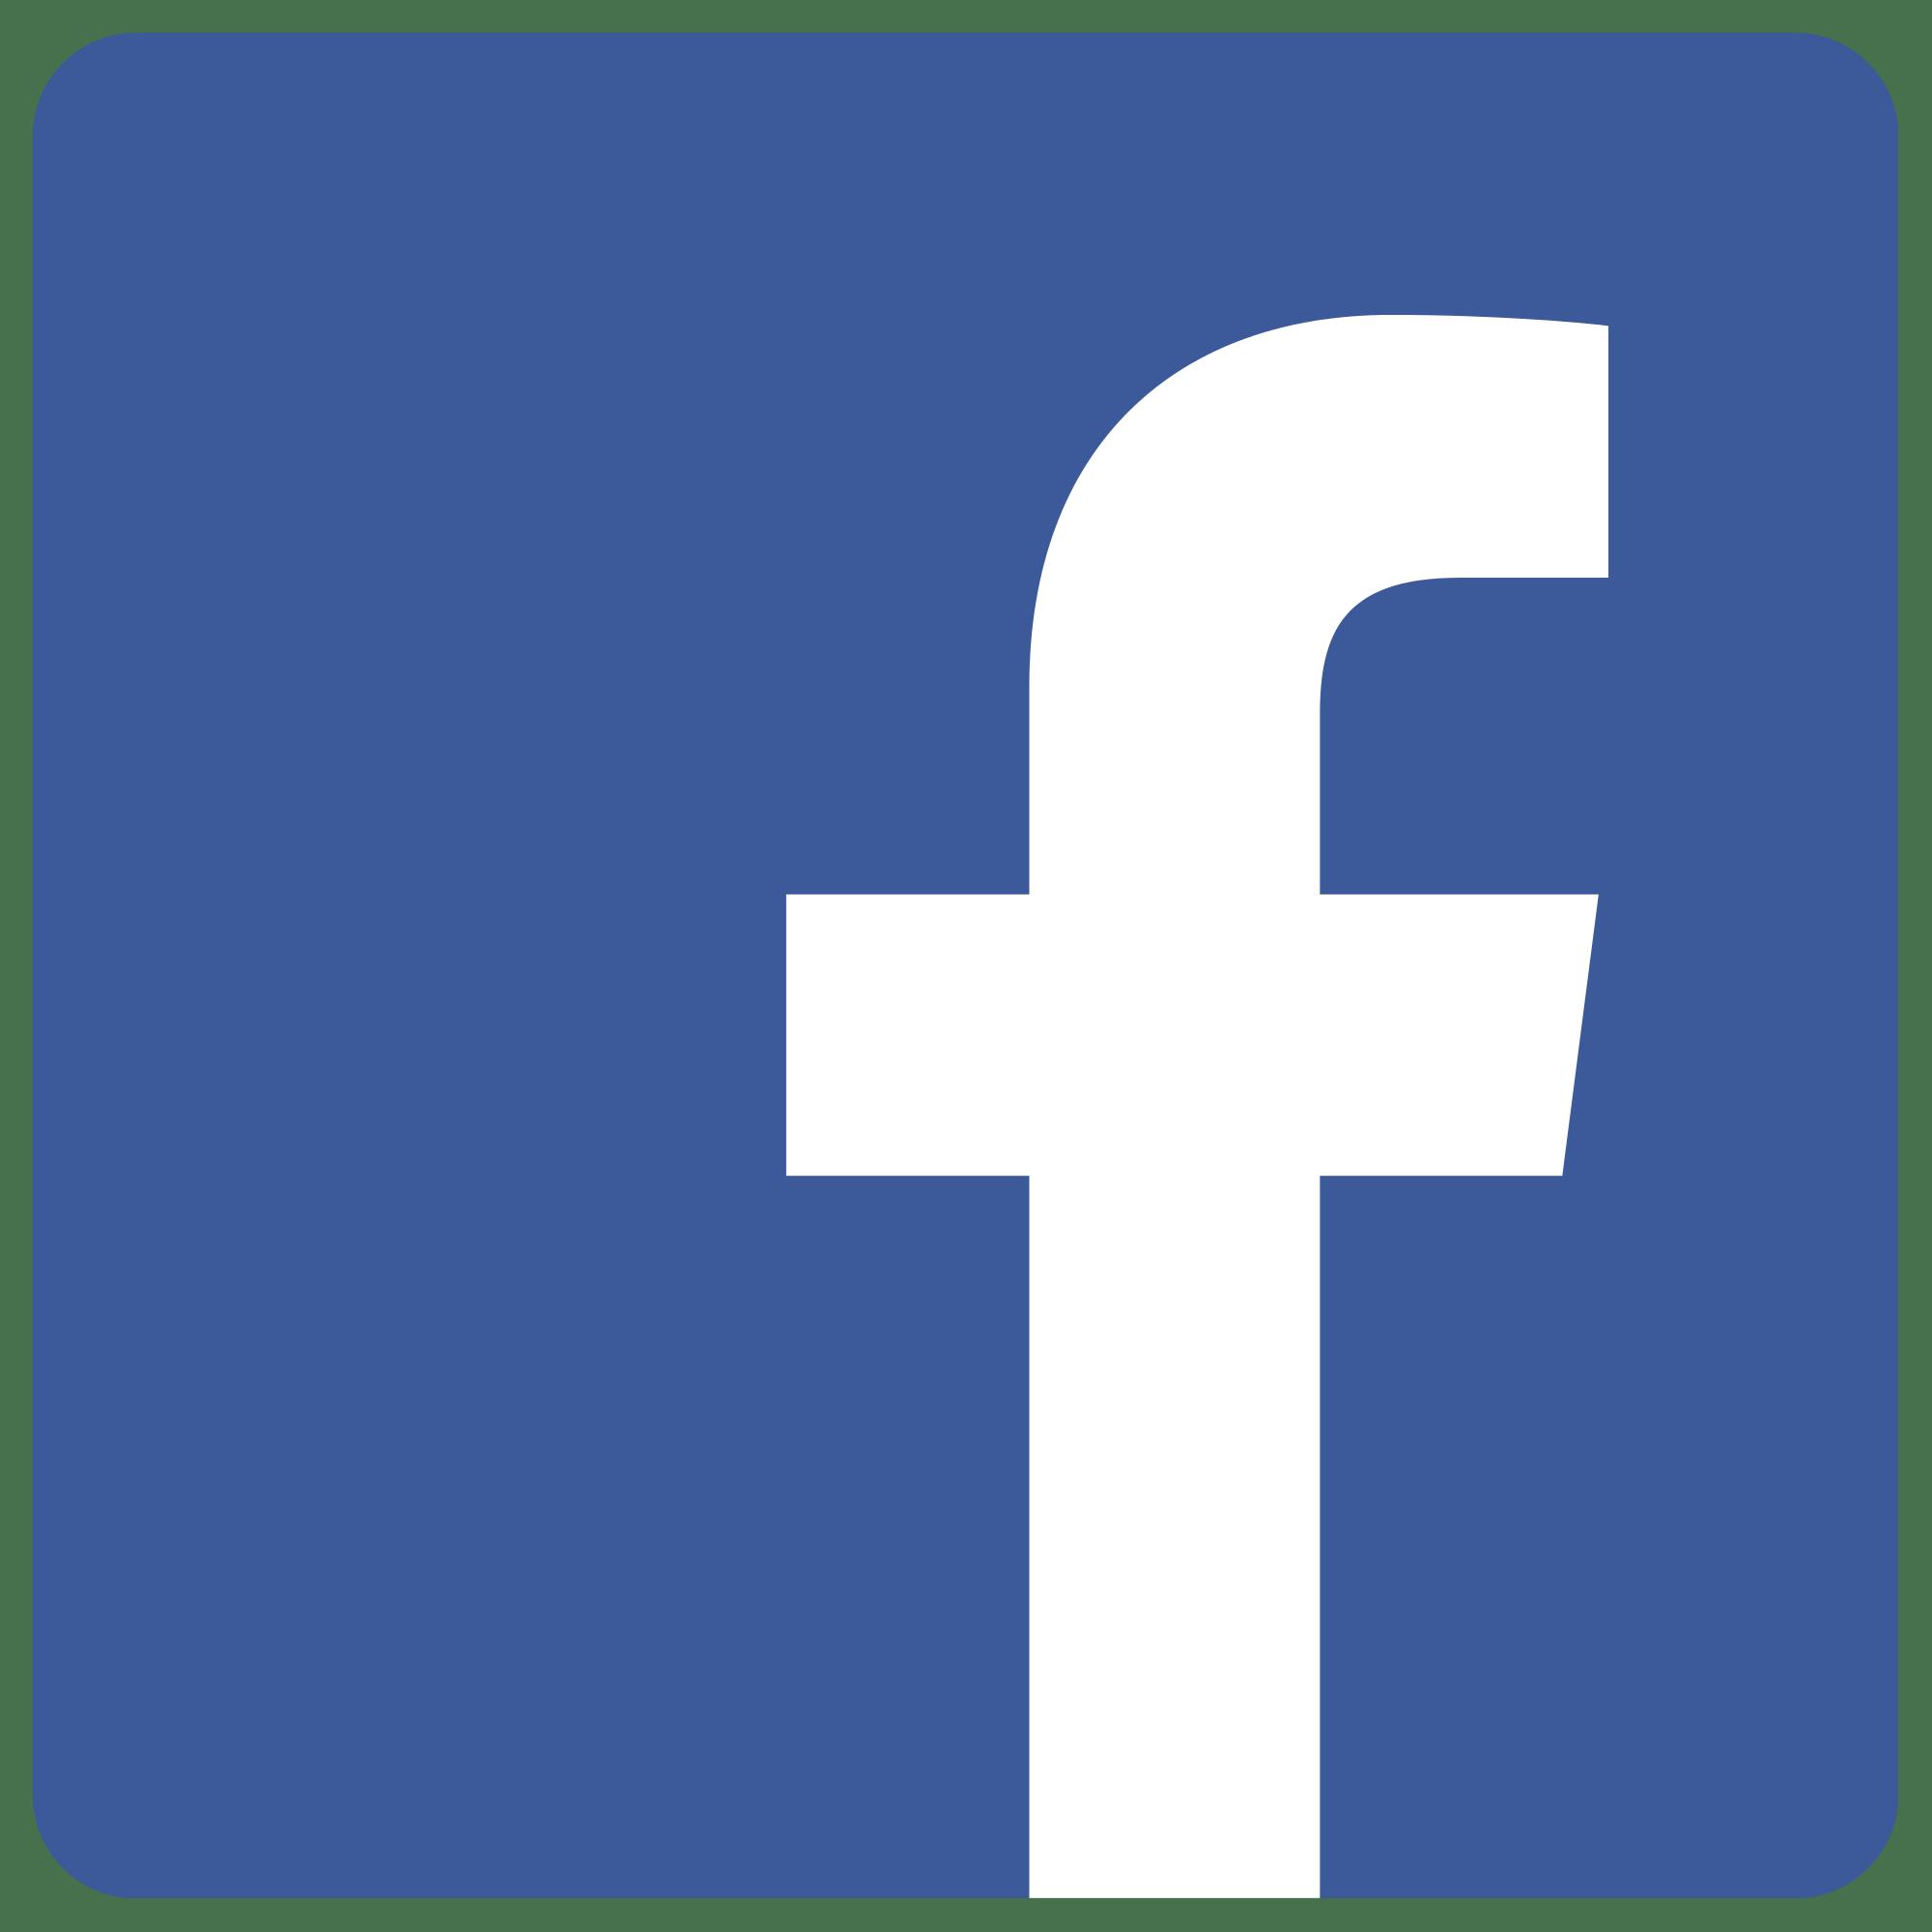 Facebook toegang intrekken voor apps en diensten - appletips